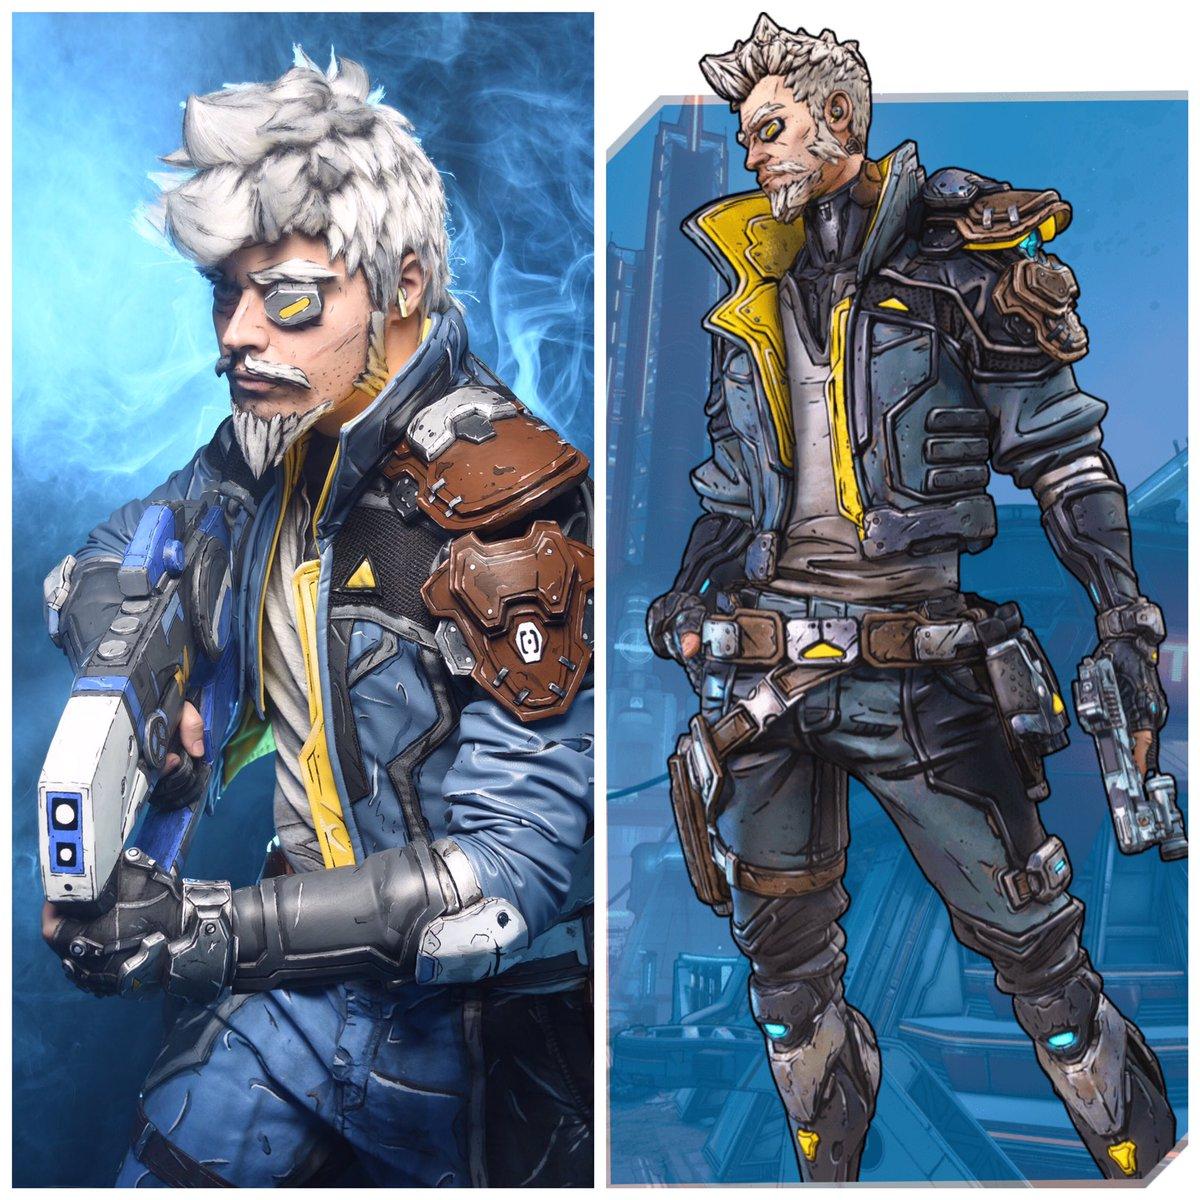 Cosplay vs character: Zane Flynt @Borderlands @GearboxOfficial @2K #Charactervscosplay #Borderlands #cosplaypic.twitter.com/w6bLBrlCpR